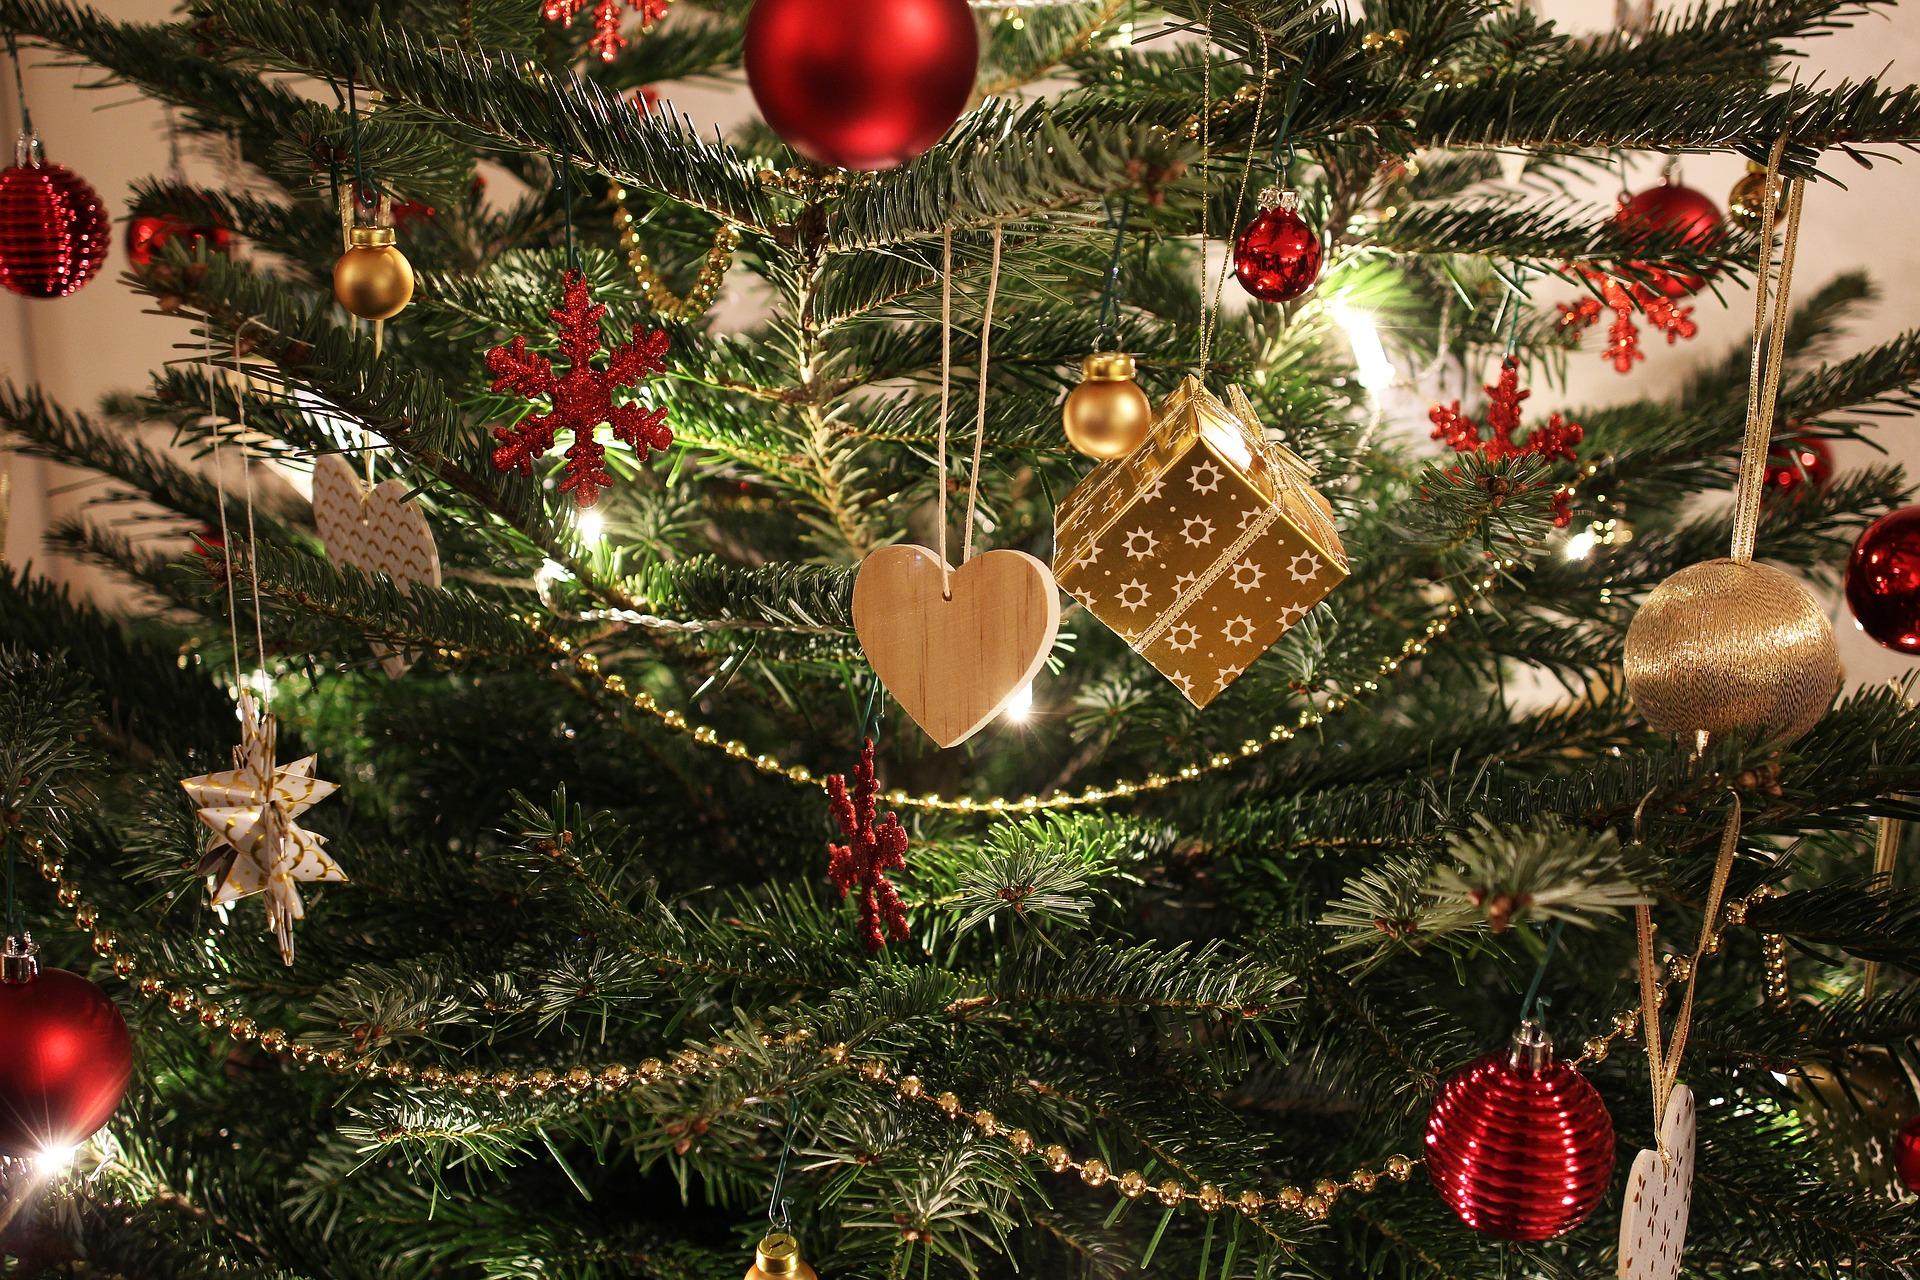 Opowiadanie świąteczne. O polityce przy wigilijnym stole